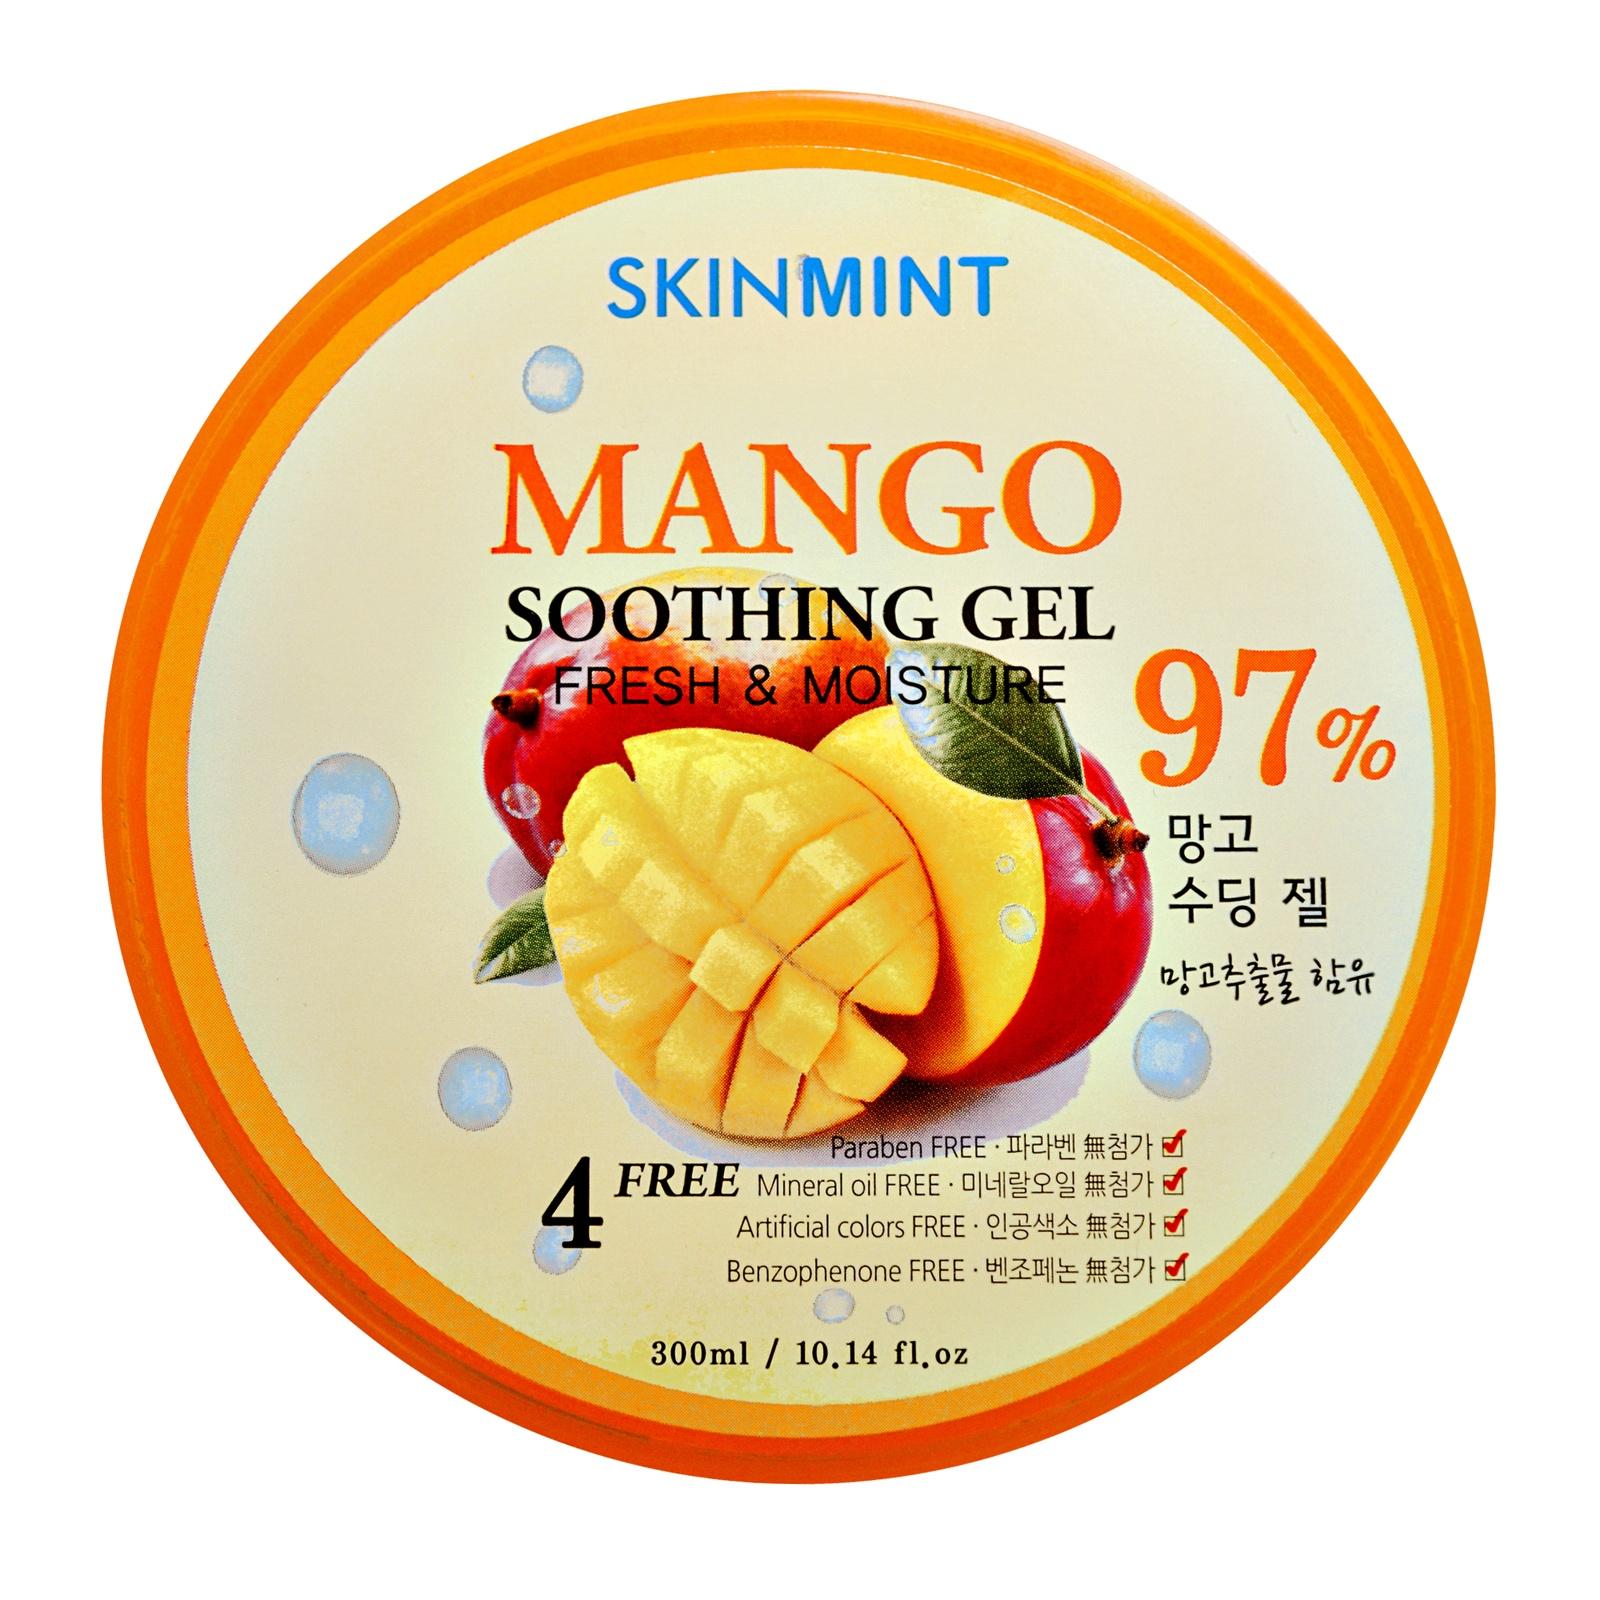 Гель увлажняющий с экстрактом манго 97% - SKINMINT Mango Soothing Gel 97% Skinmint